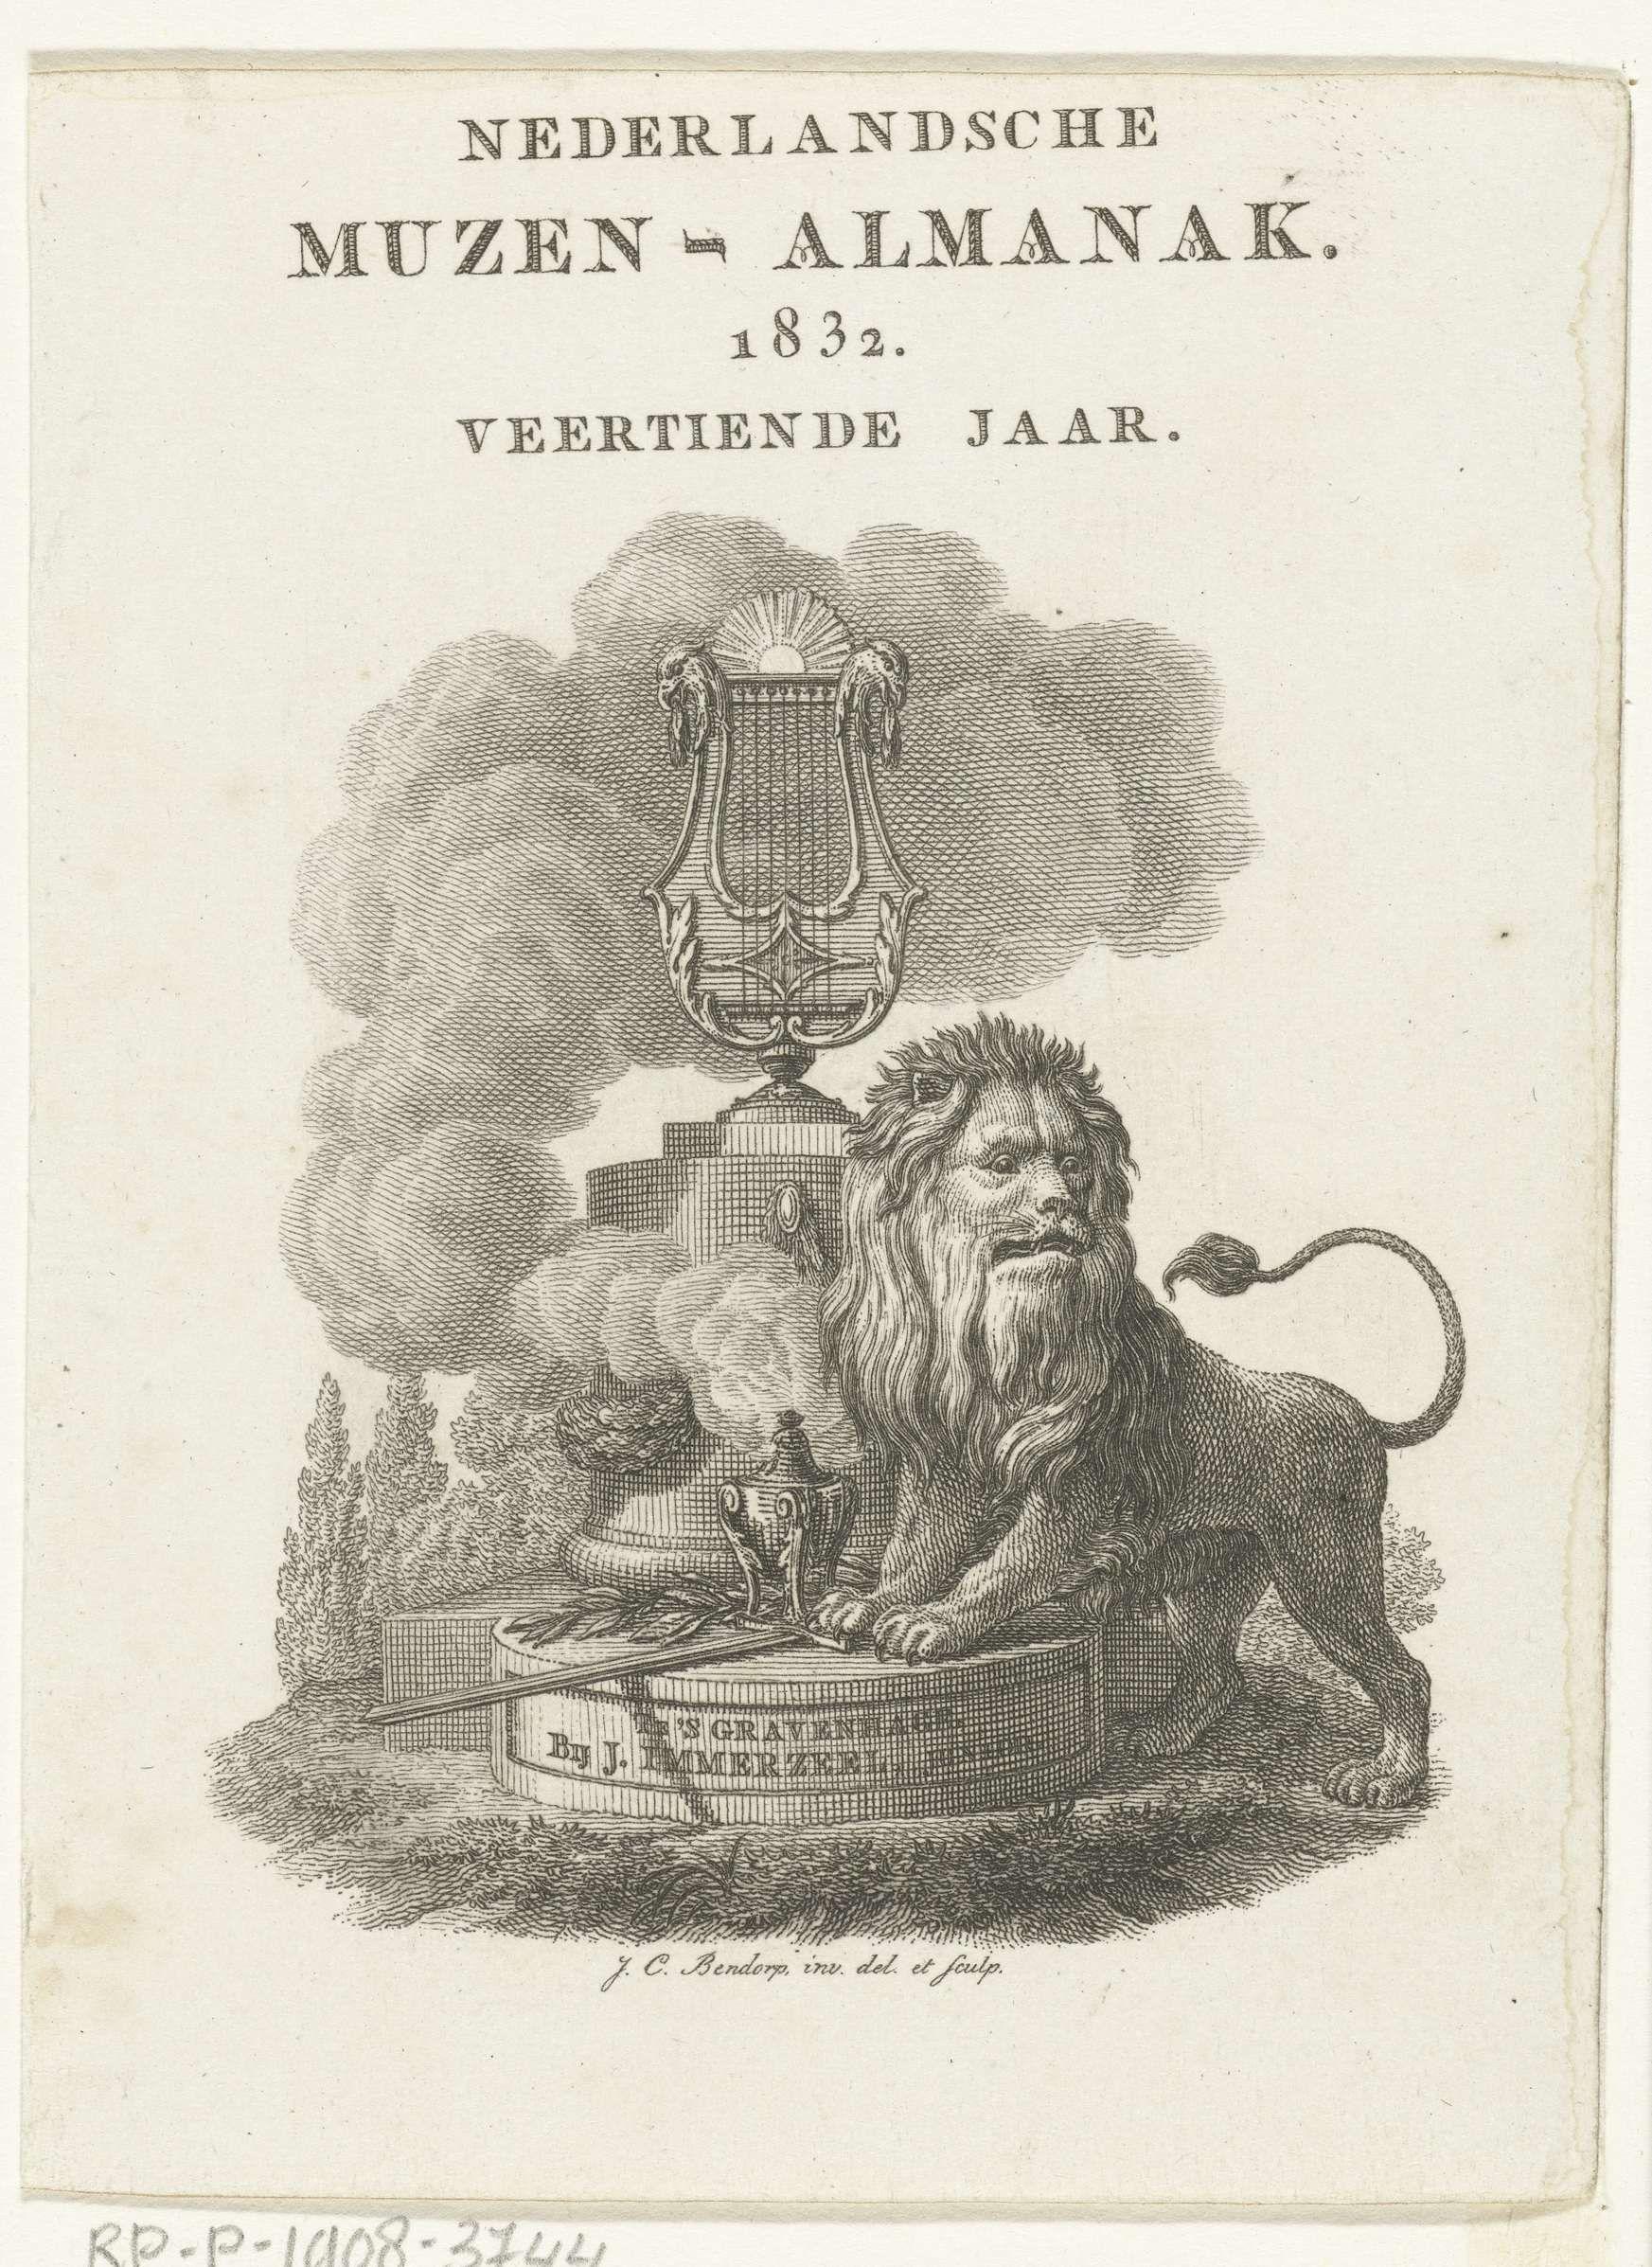 Johannes Christiaan Bendorp | Titelpagina voor: Nederlandsche Muzen-Almanak 1832, Johannes Christiaan Bendorp, 1832 | Nederlandse leeuw staat bij monument met lier en brandend wierookvat.